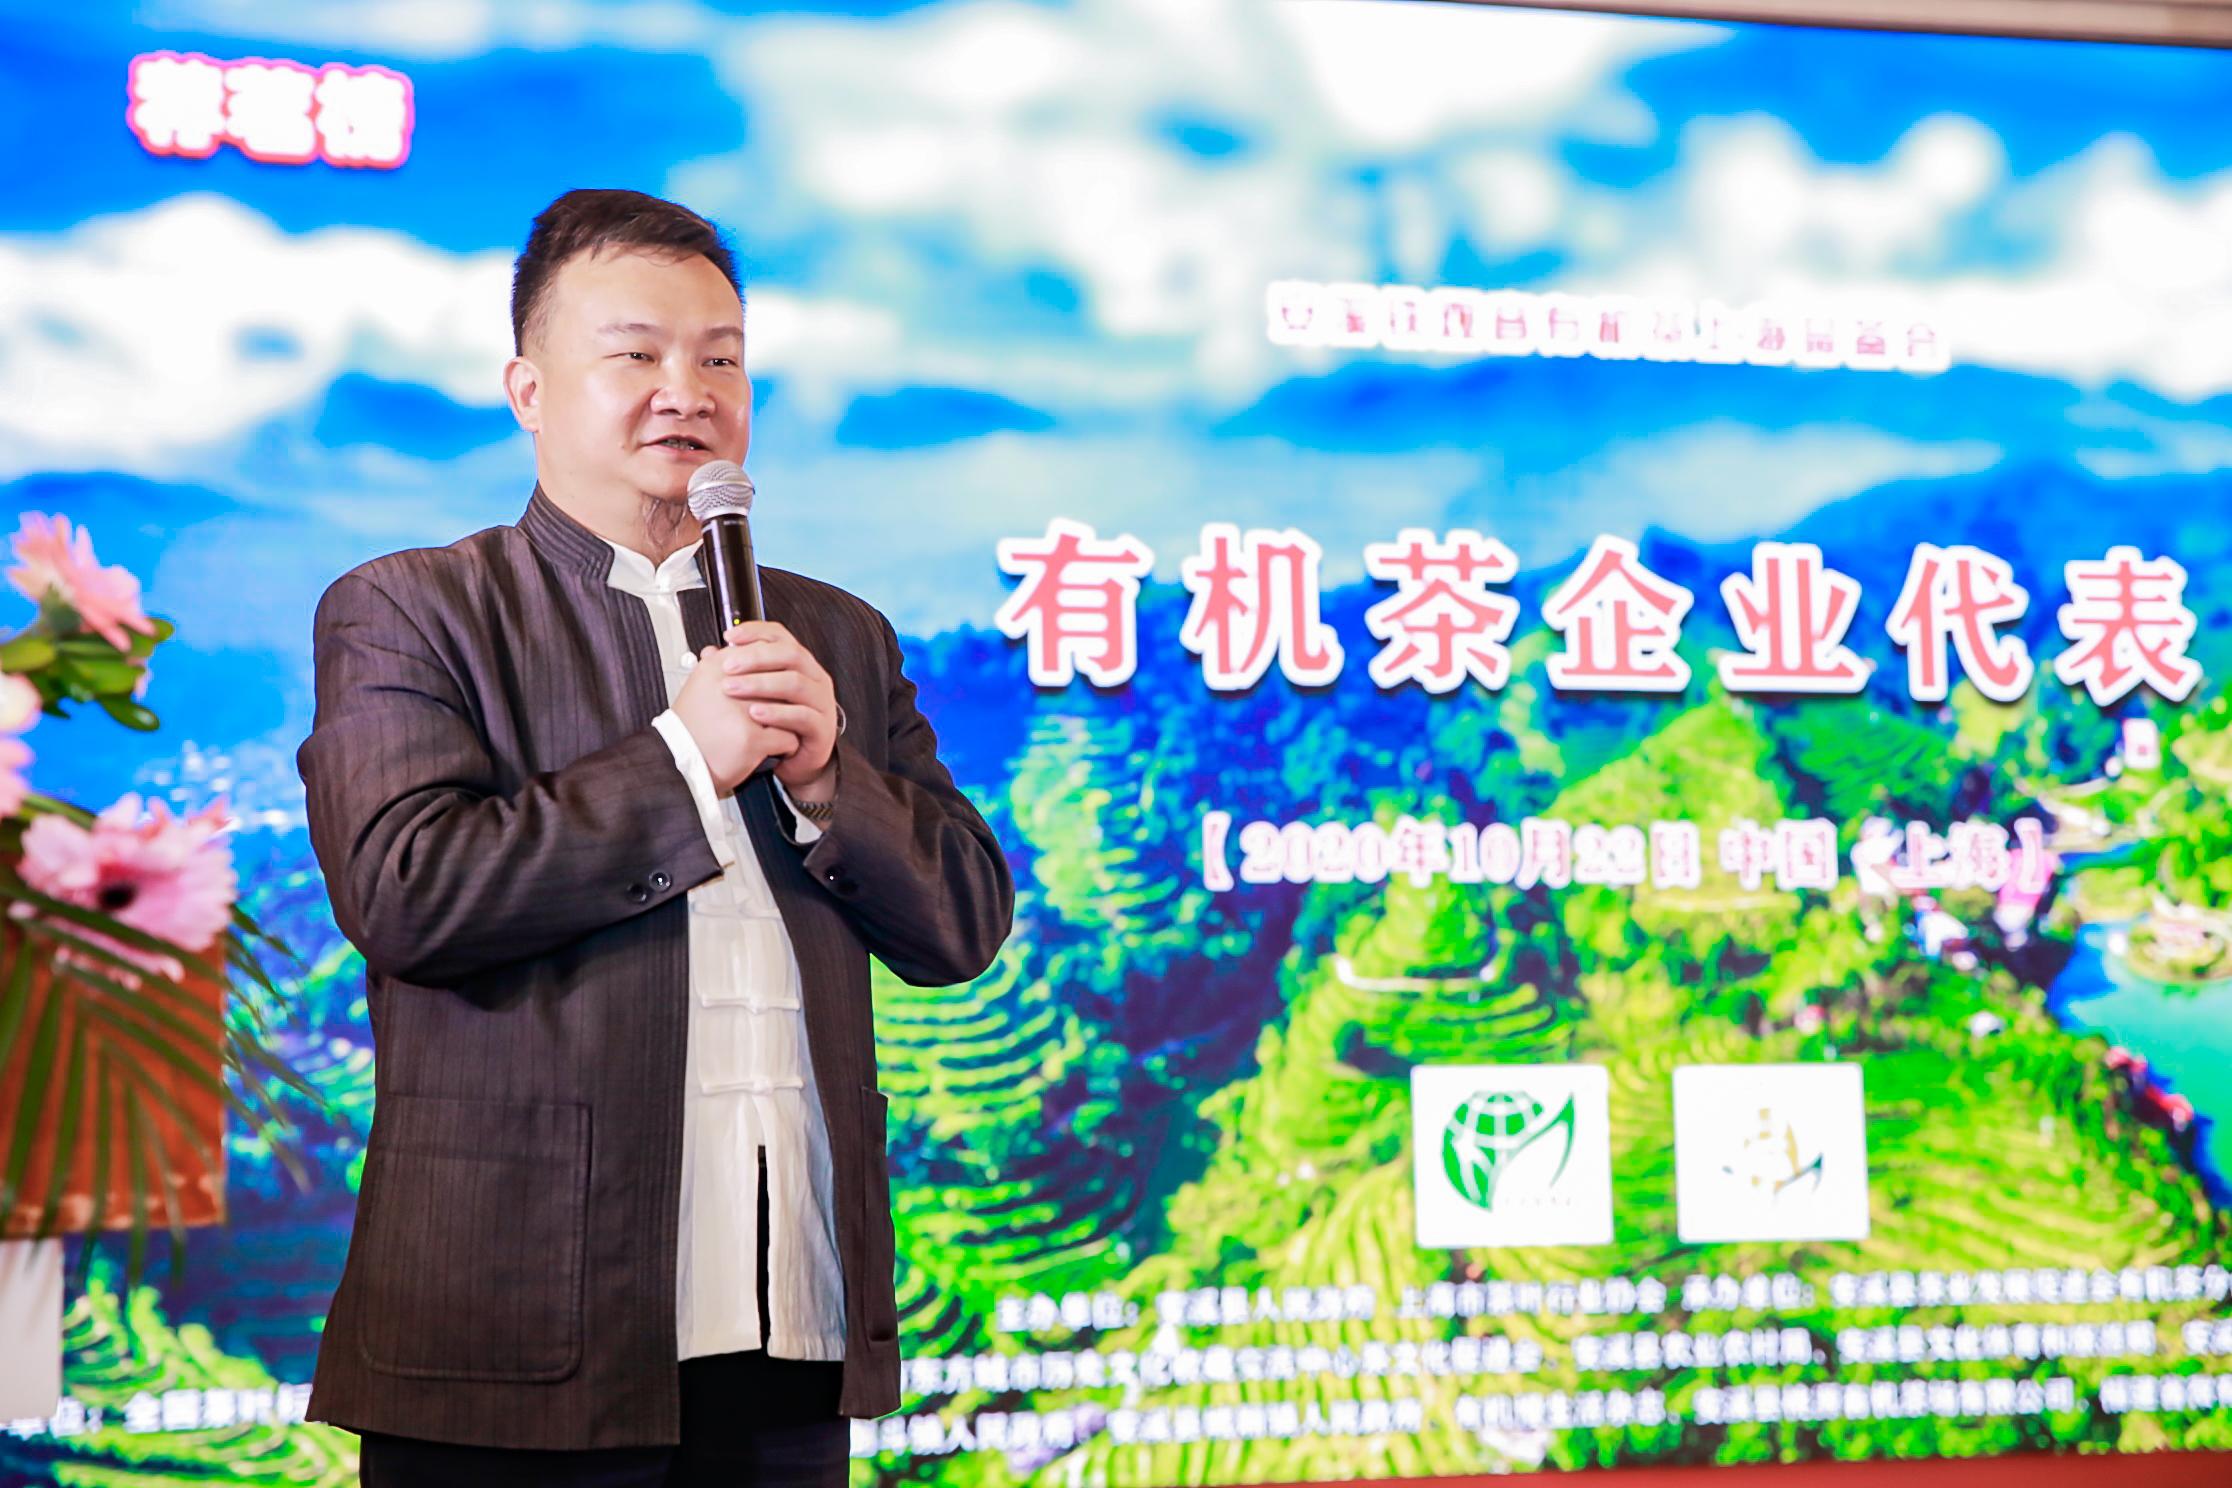 安溪铁观音有机茶飘香上海,引领健康饮茶新潮流